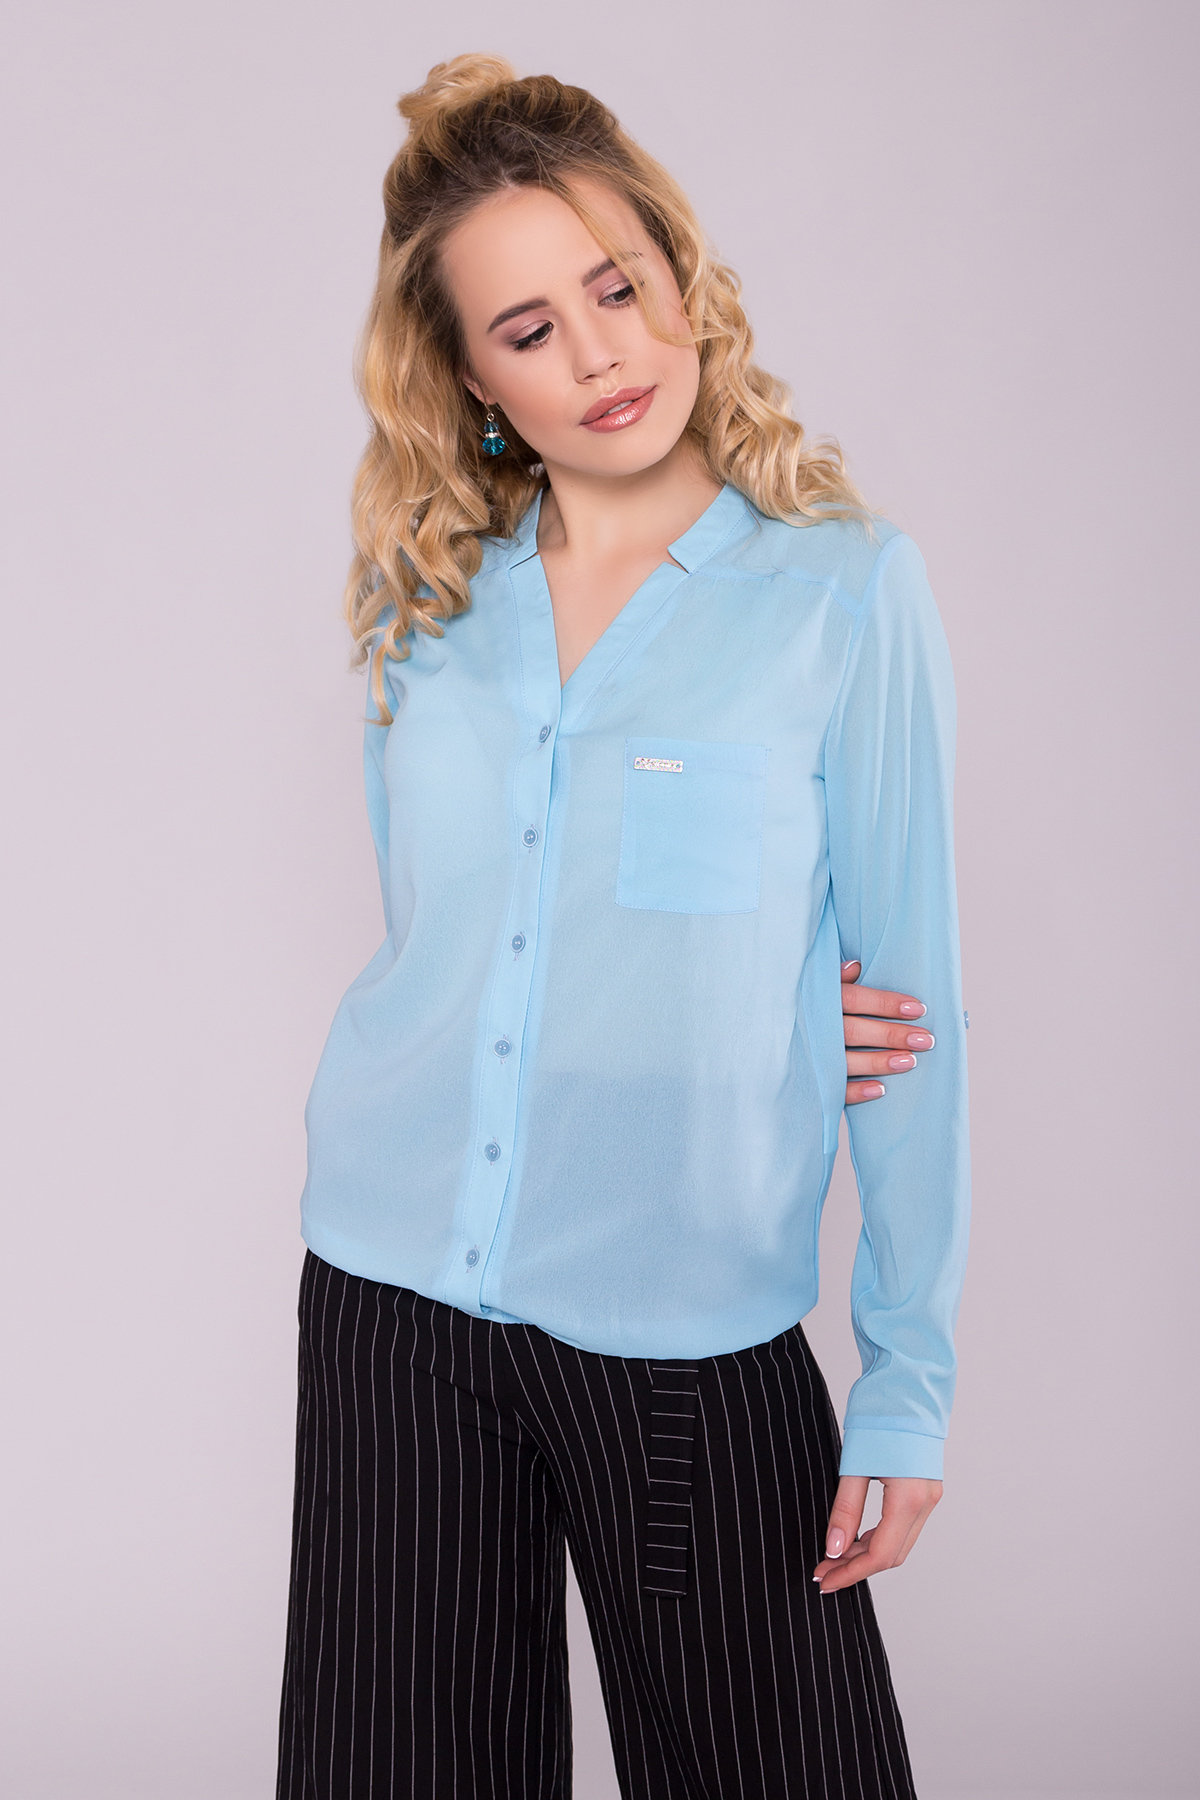 Шифоновая рубашка с длинным рукавом Кумир 7099 Цвет: Голубой